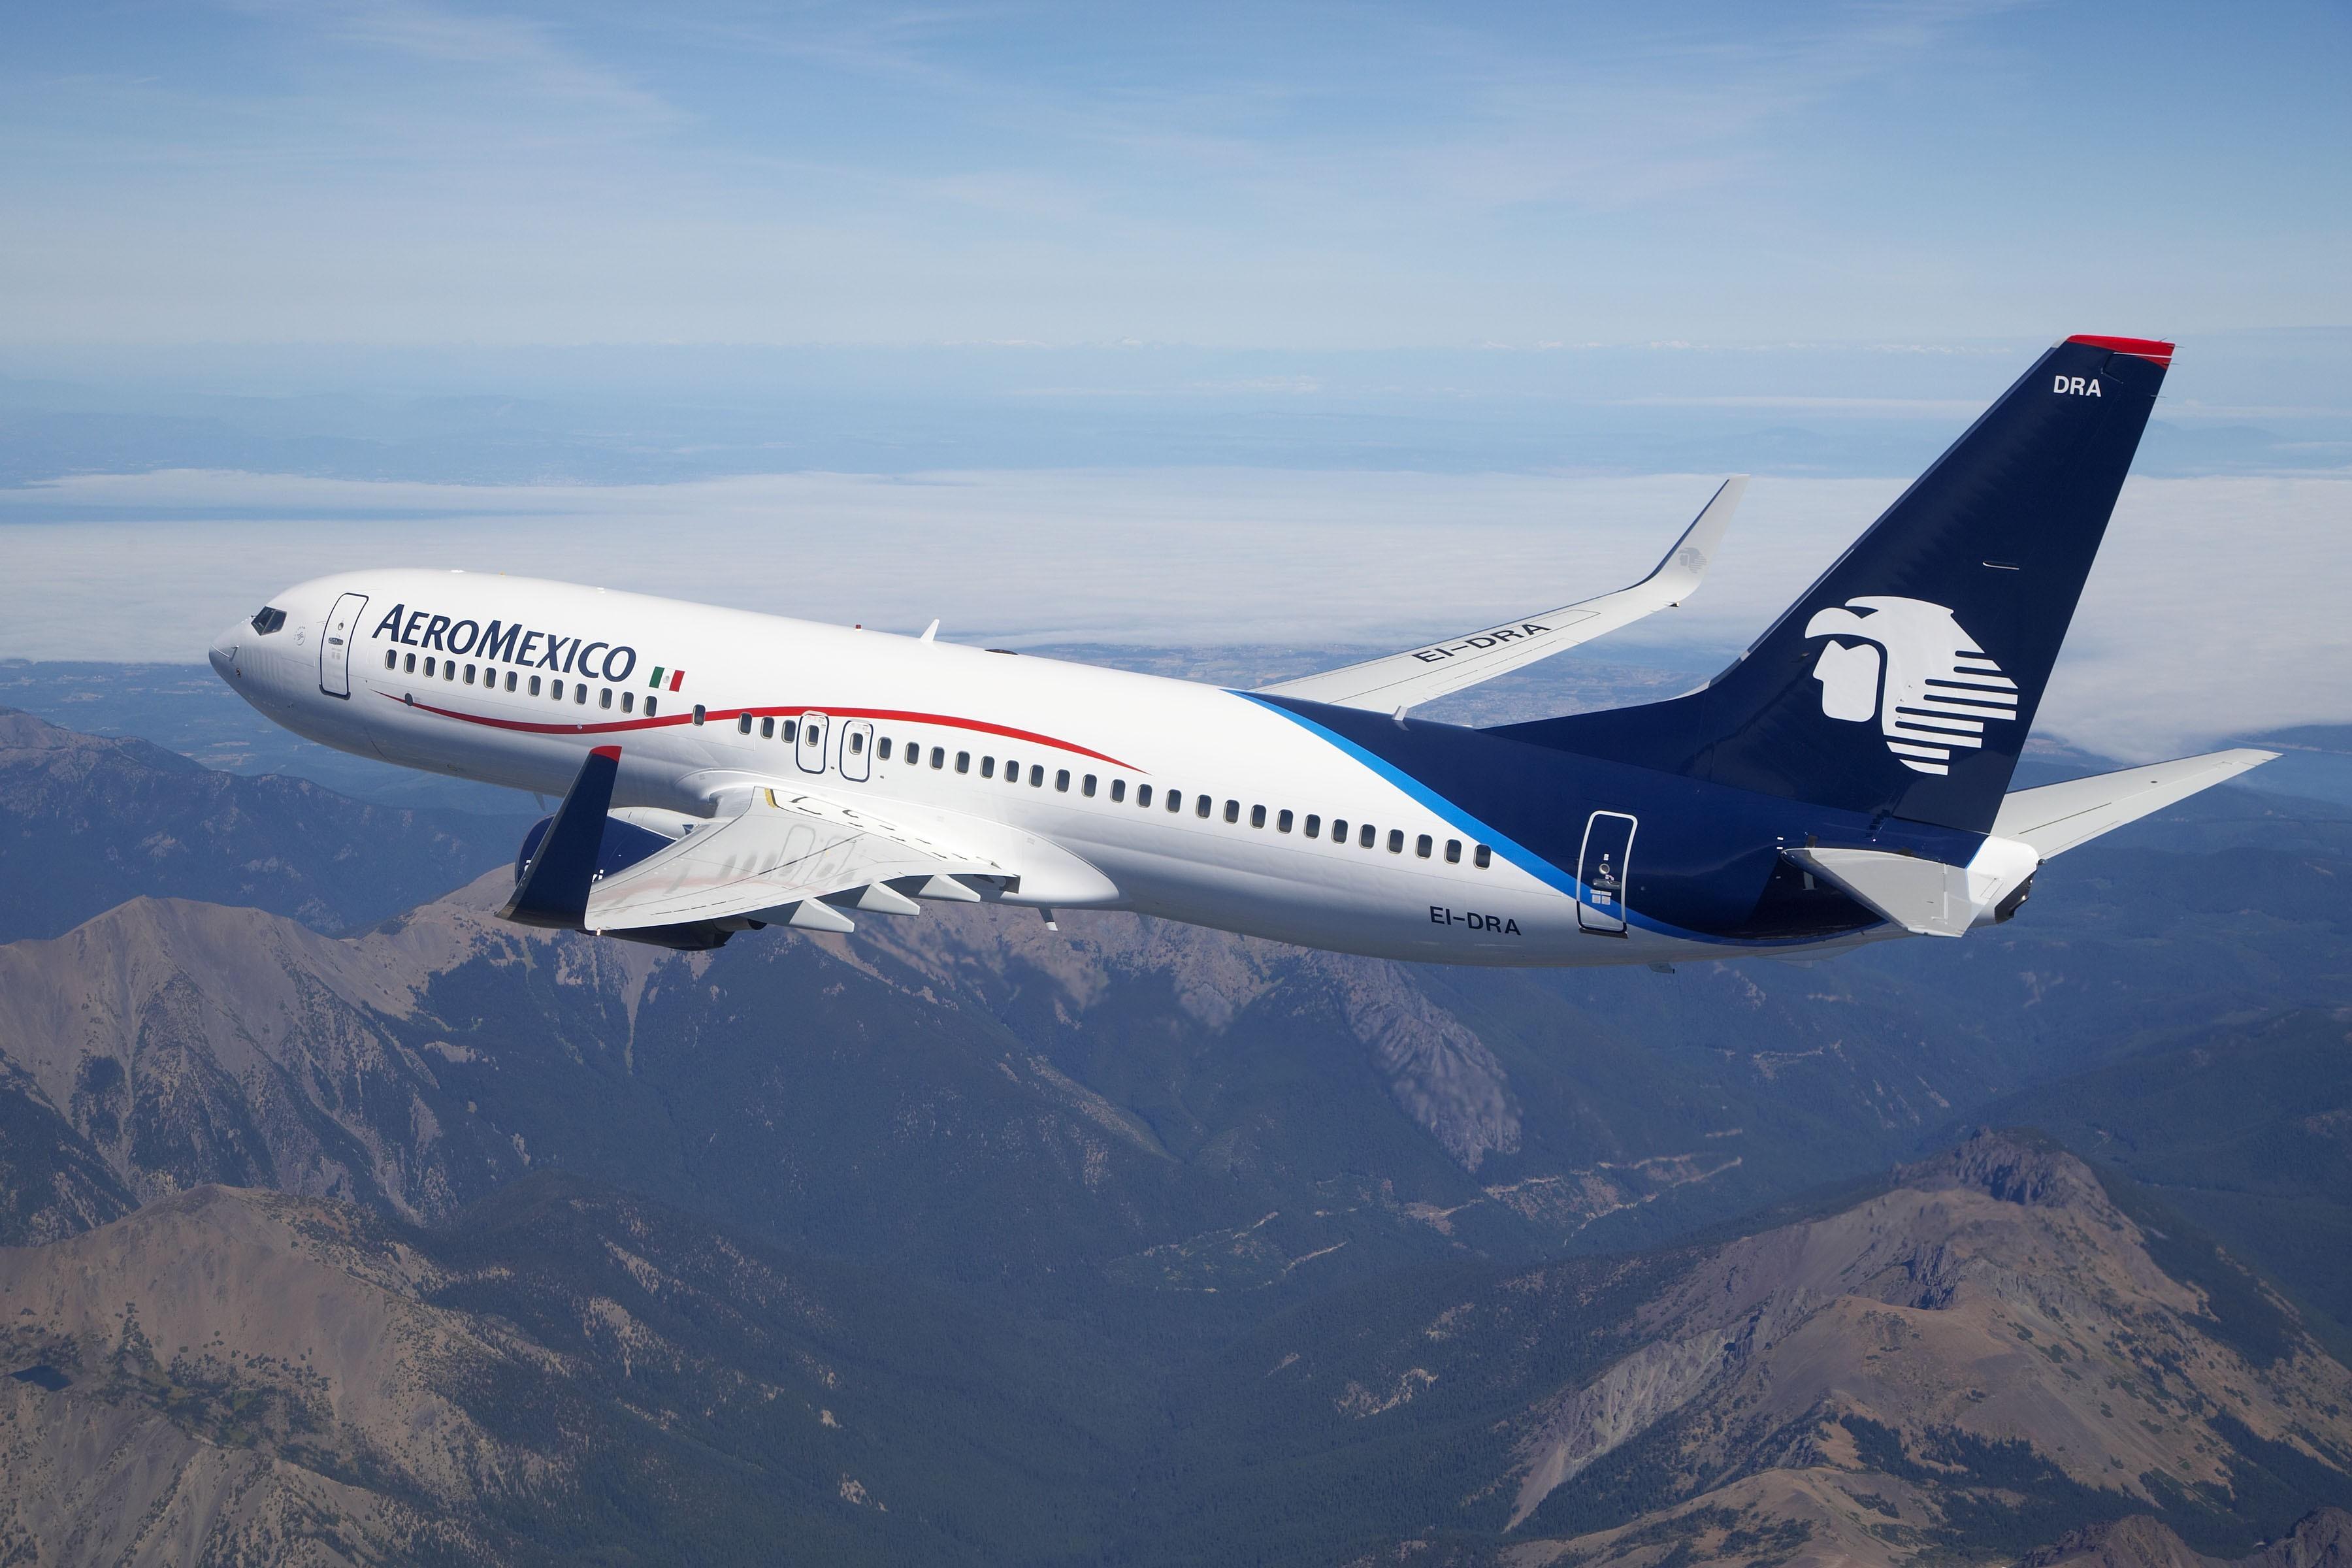 Llaman Profeco y AFAC a aerolíneas nacionales a evitar afectaciones a consumidores